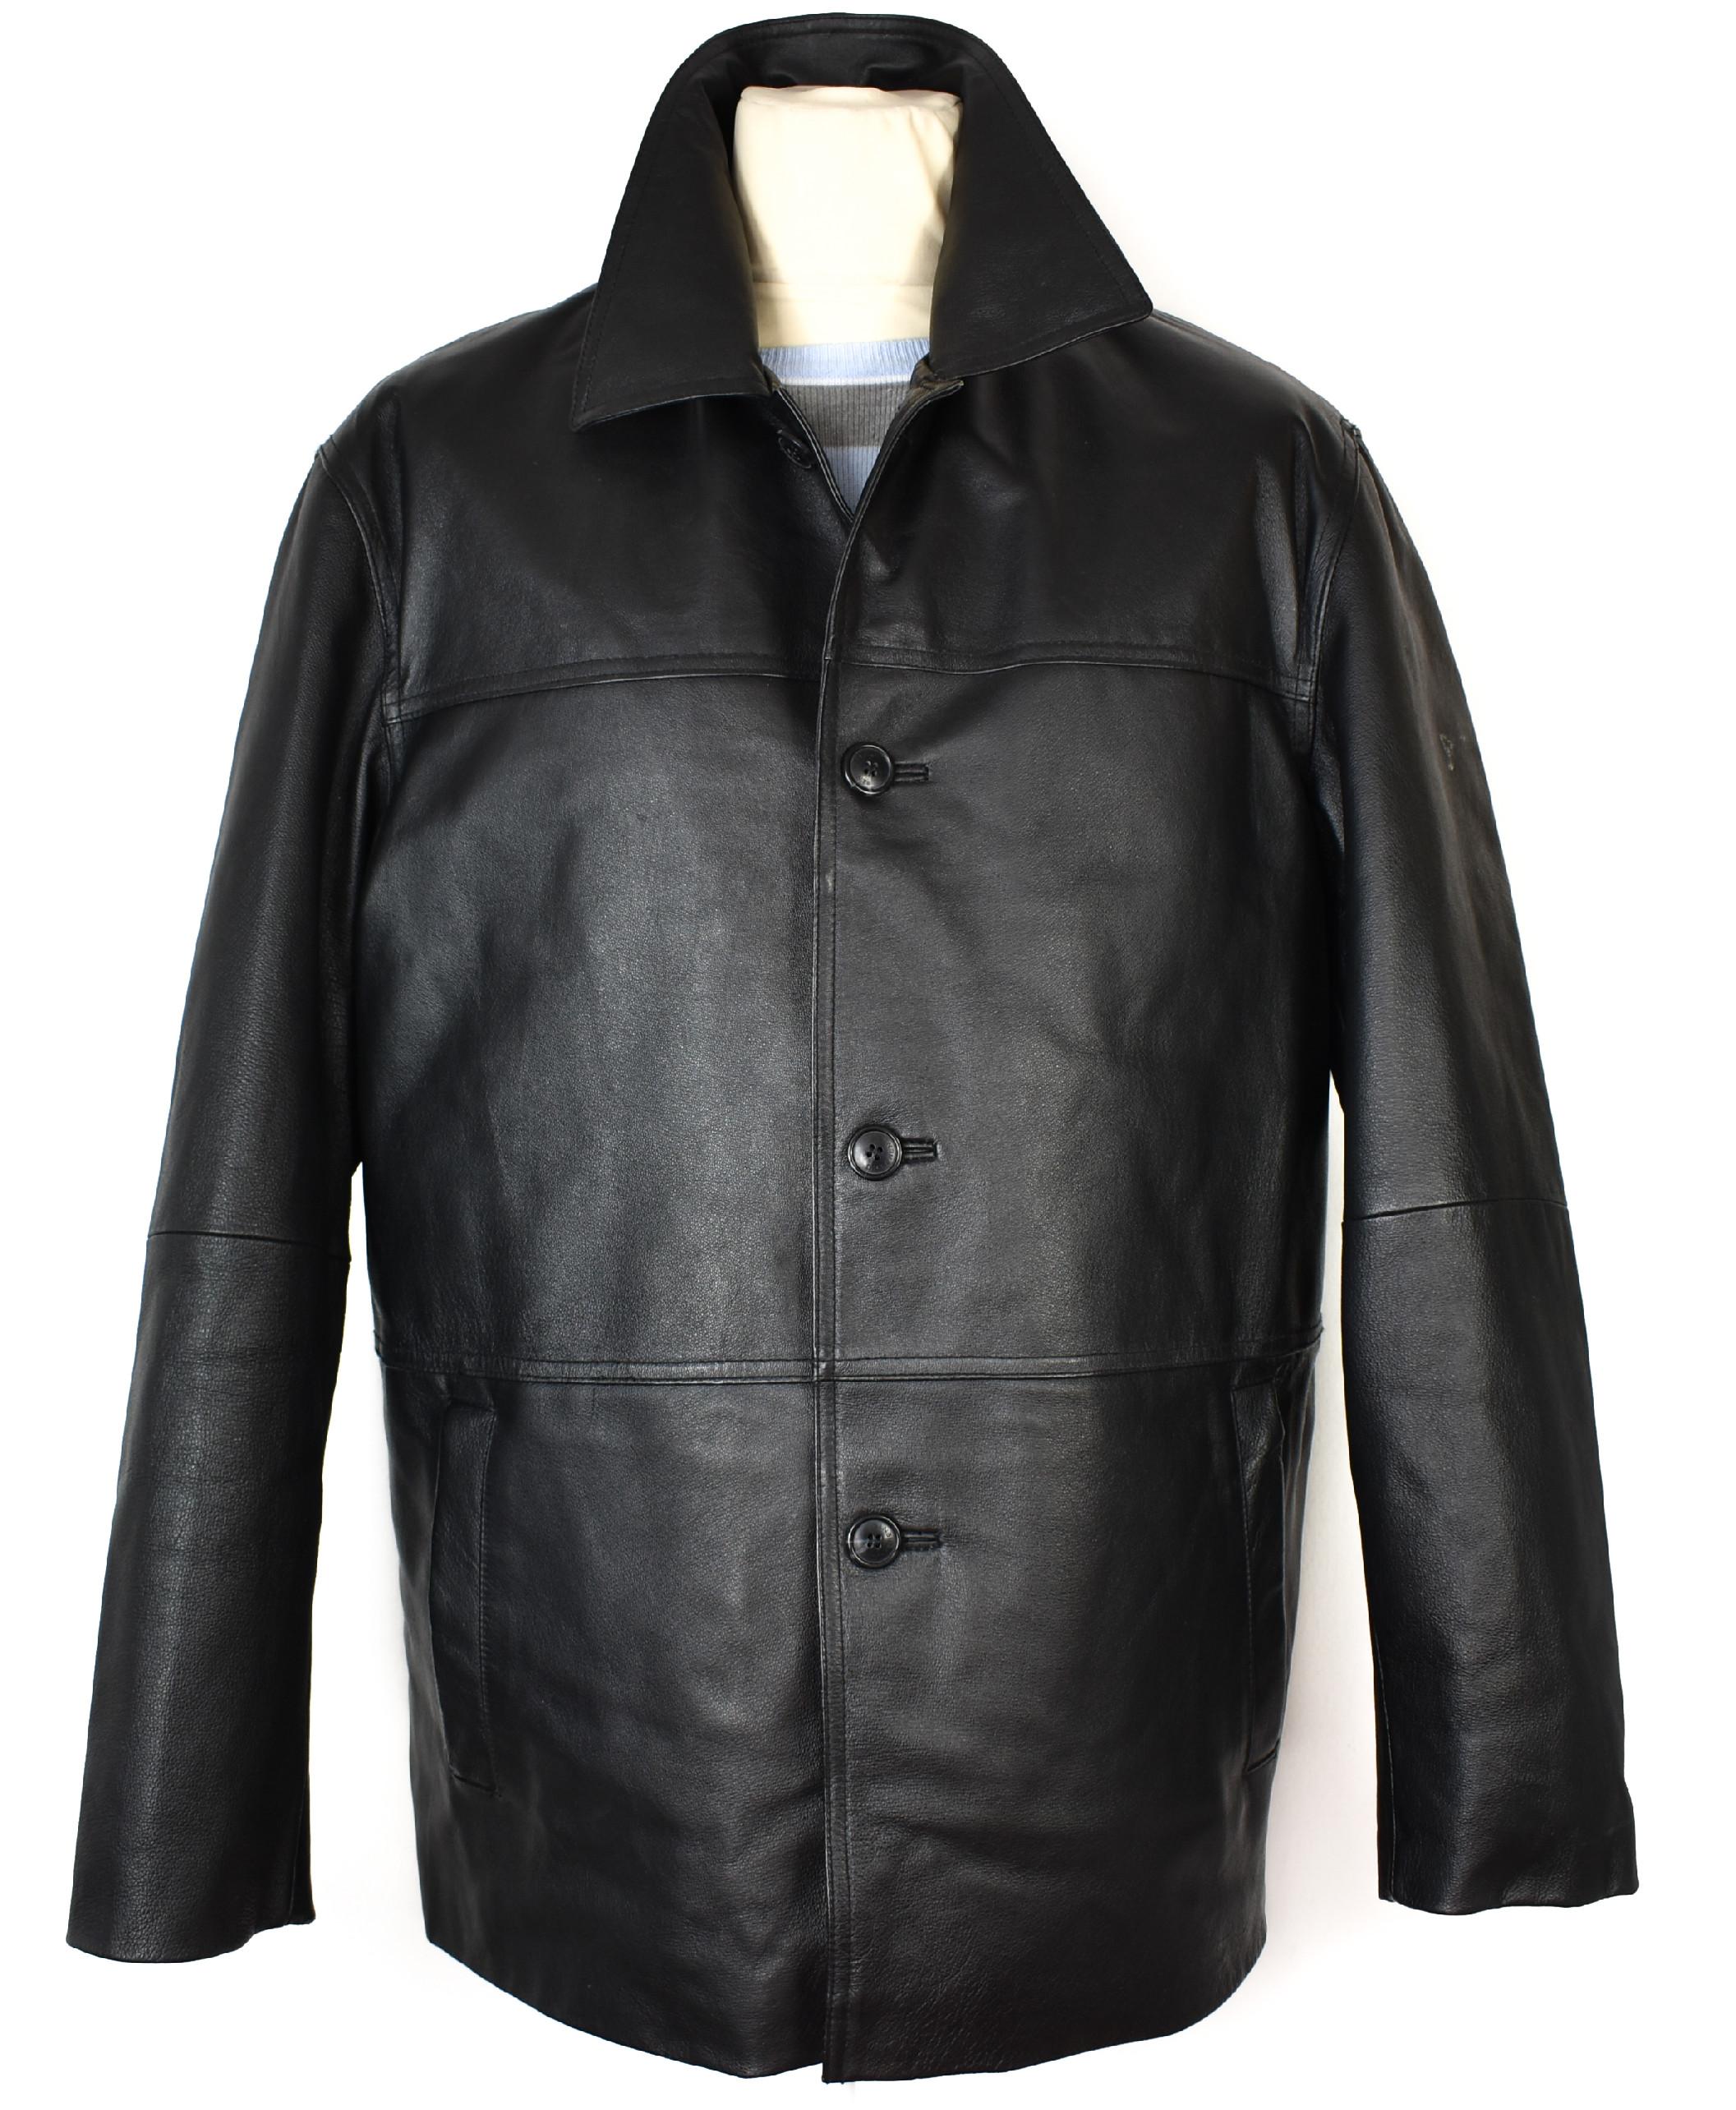 KOŽENÁ pánská měkká černá bunda s vložkou Different XL